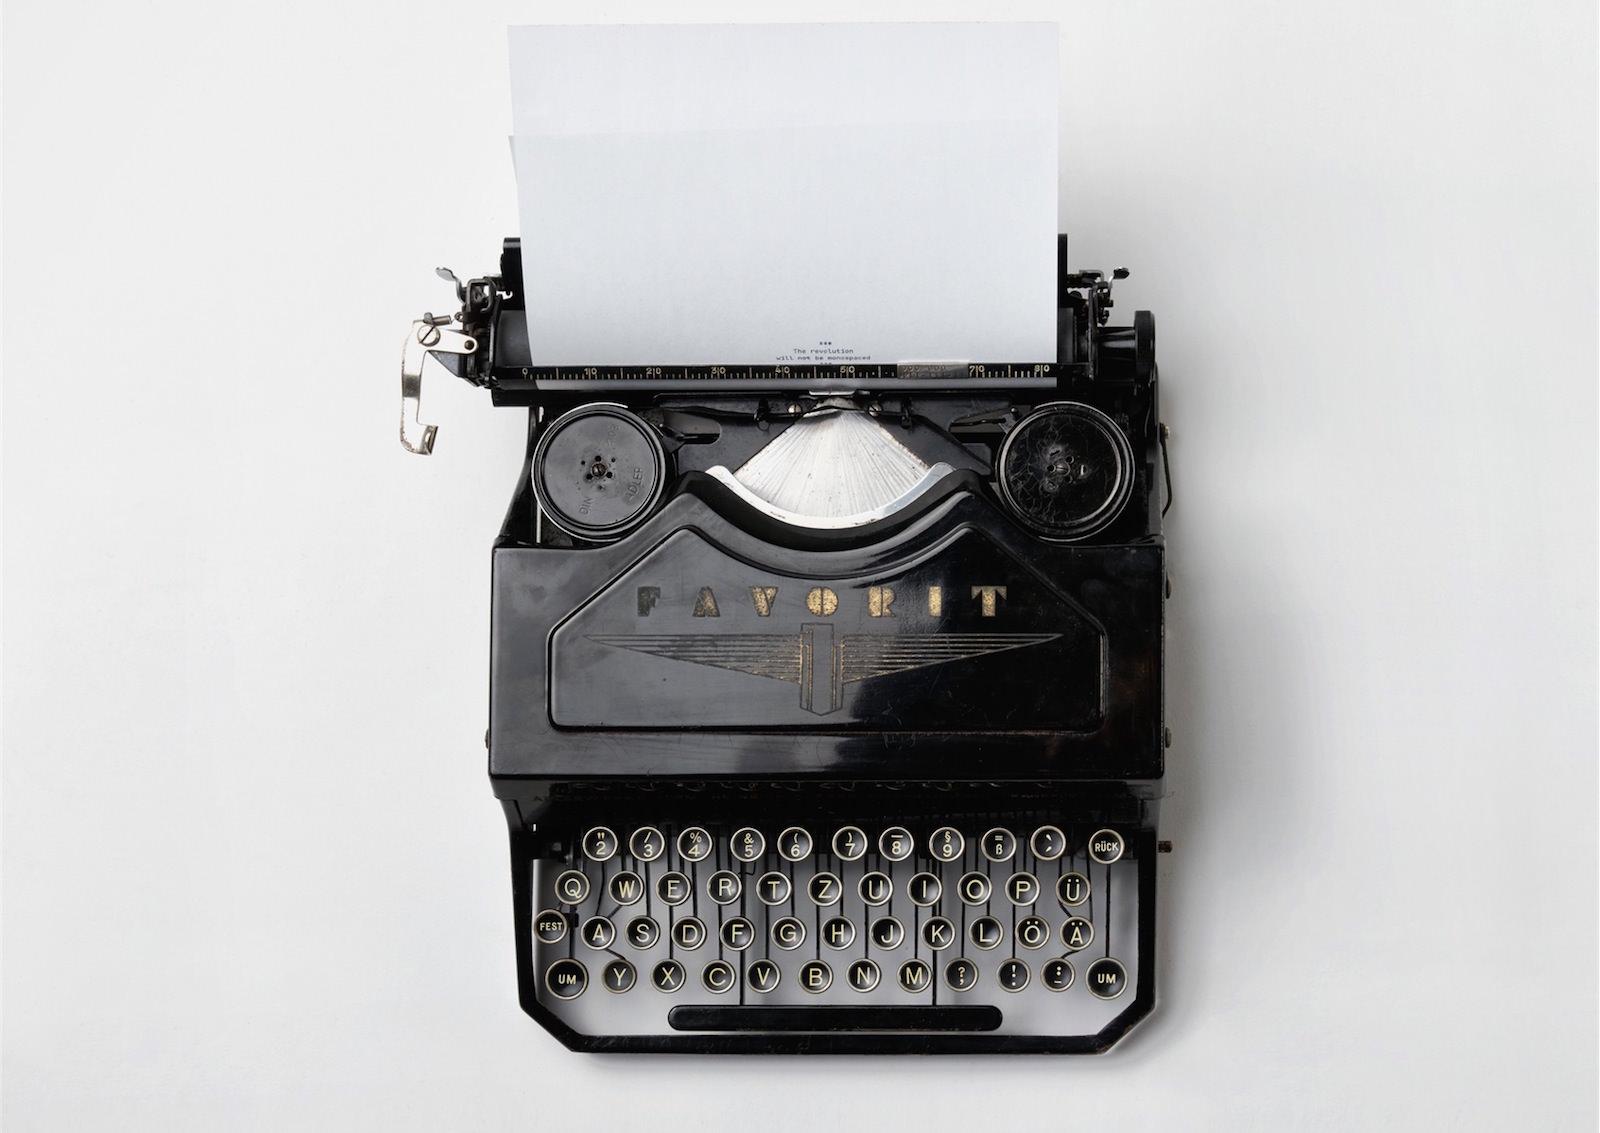 images/header_typewriter.jpg